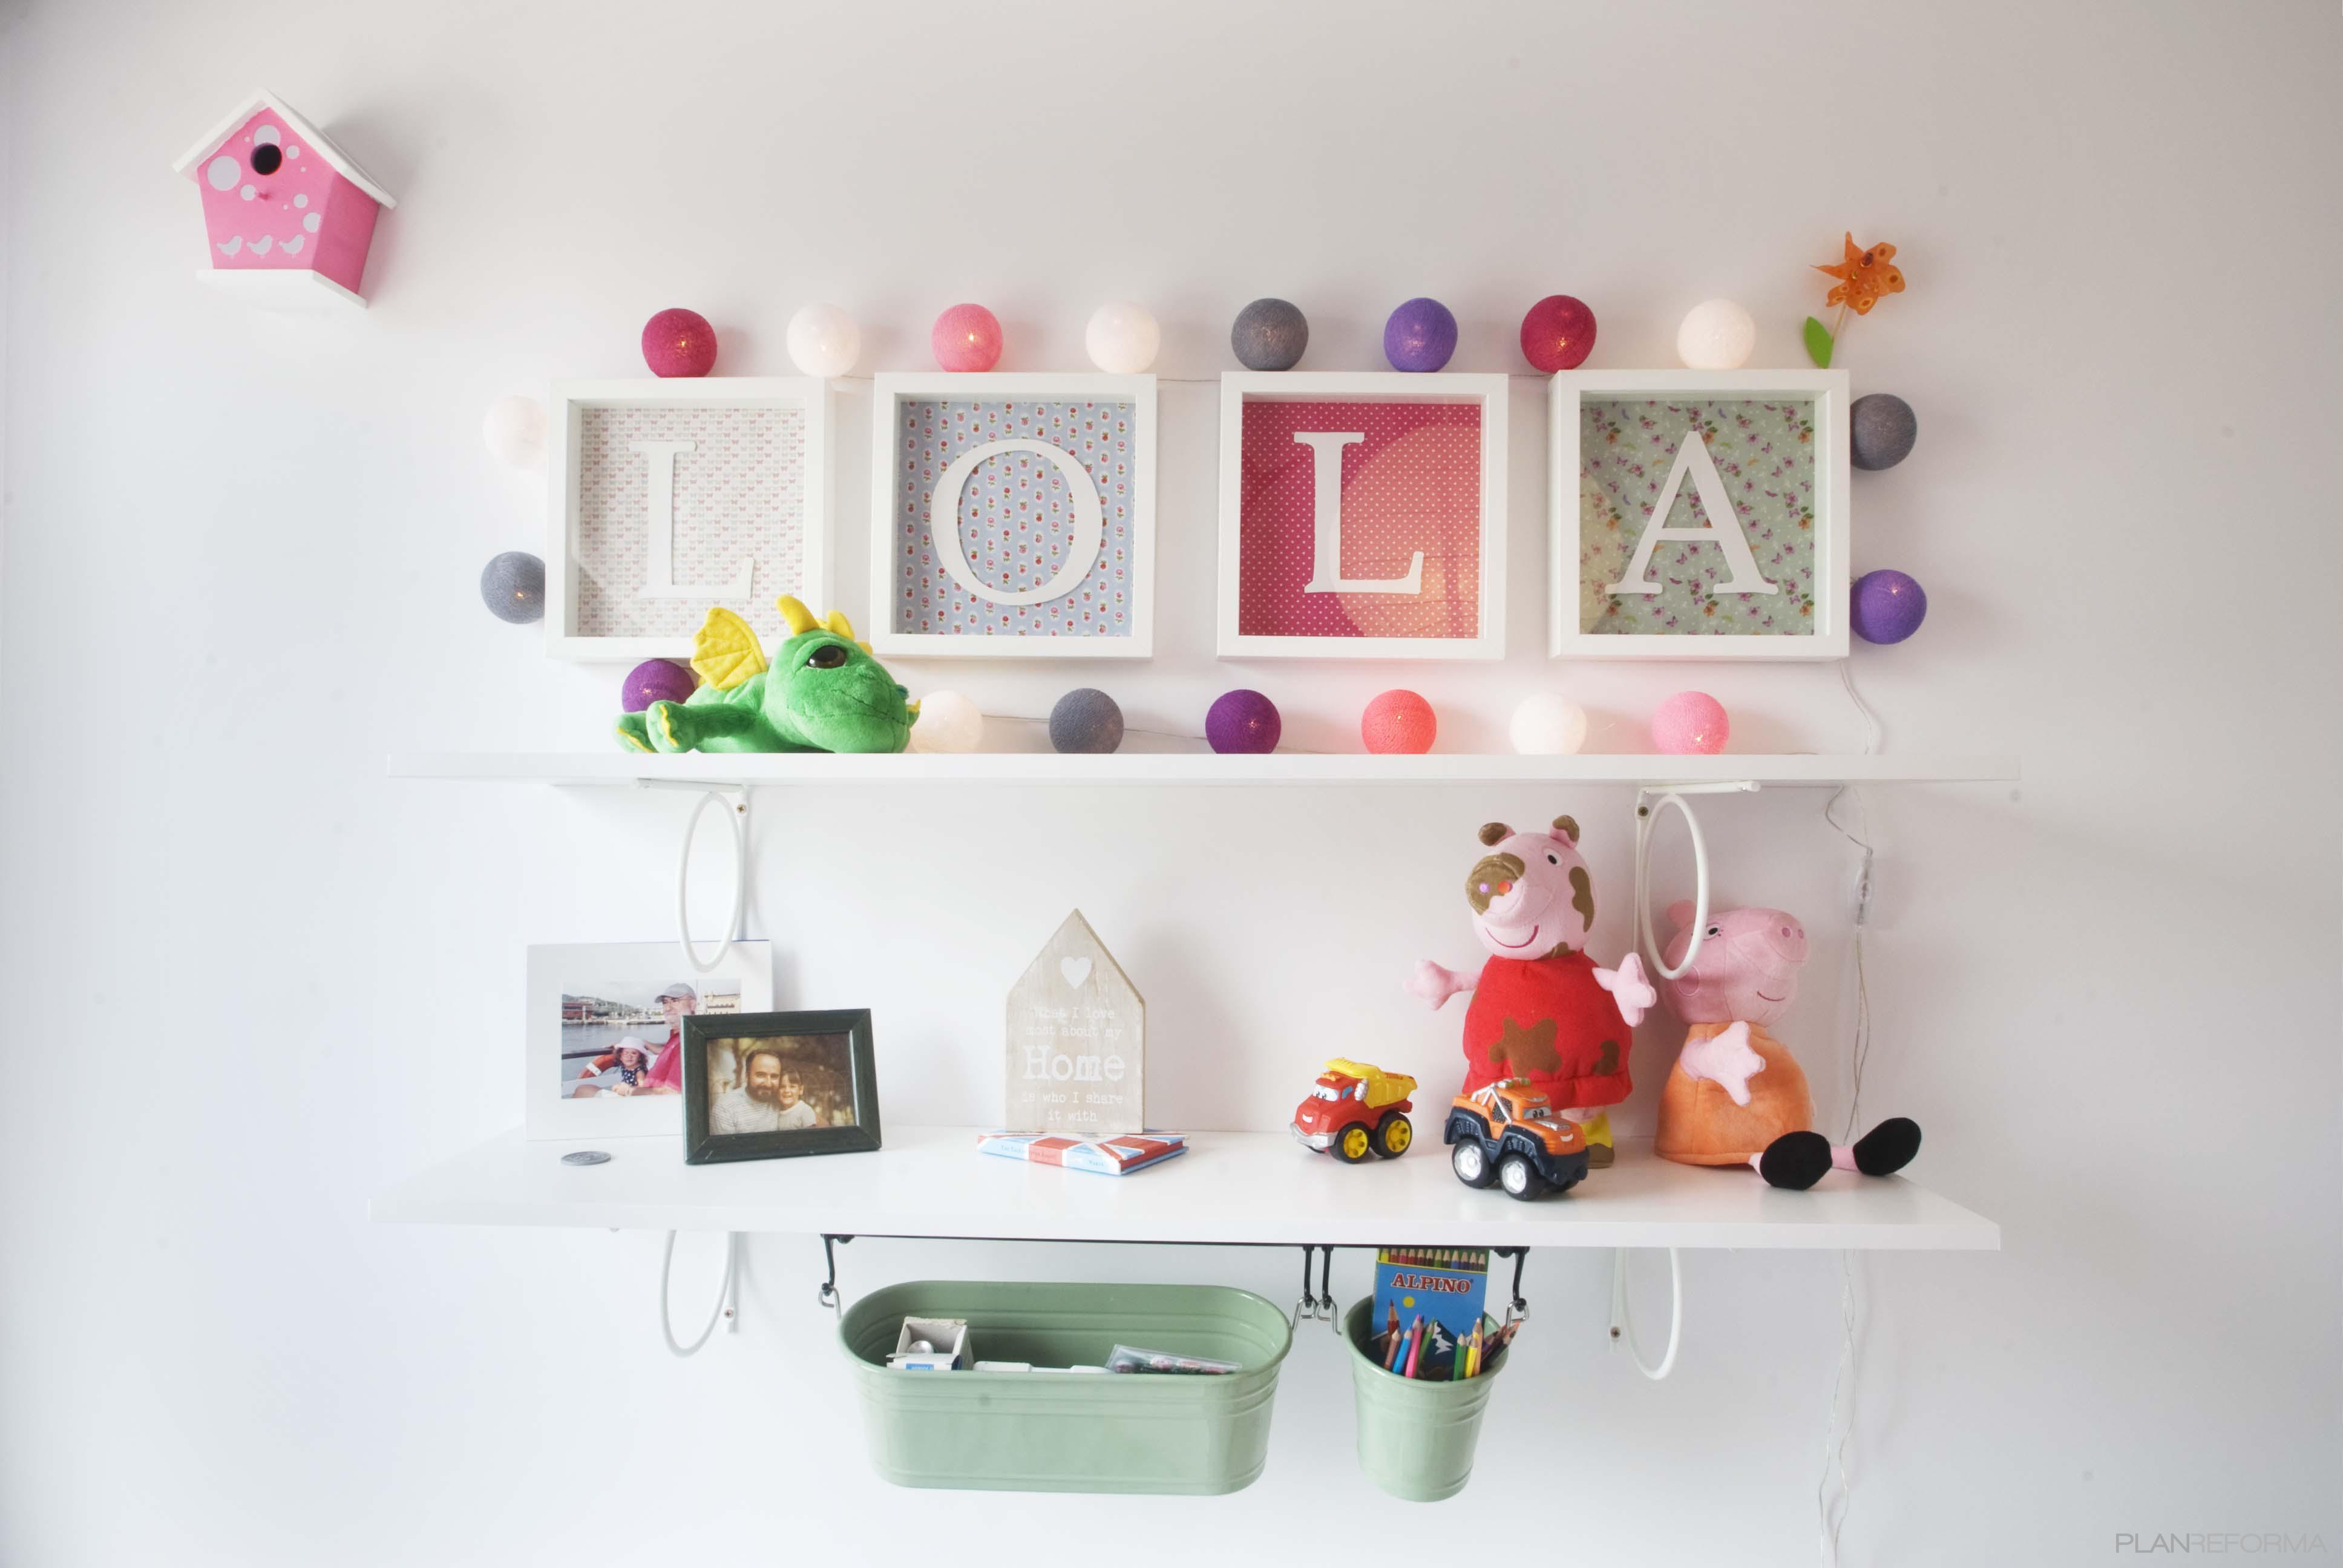 Estudio style contemporaneo color turquesa, azul cielo, rosa, blanco  diseñado por demarcasueca | Interiorista